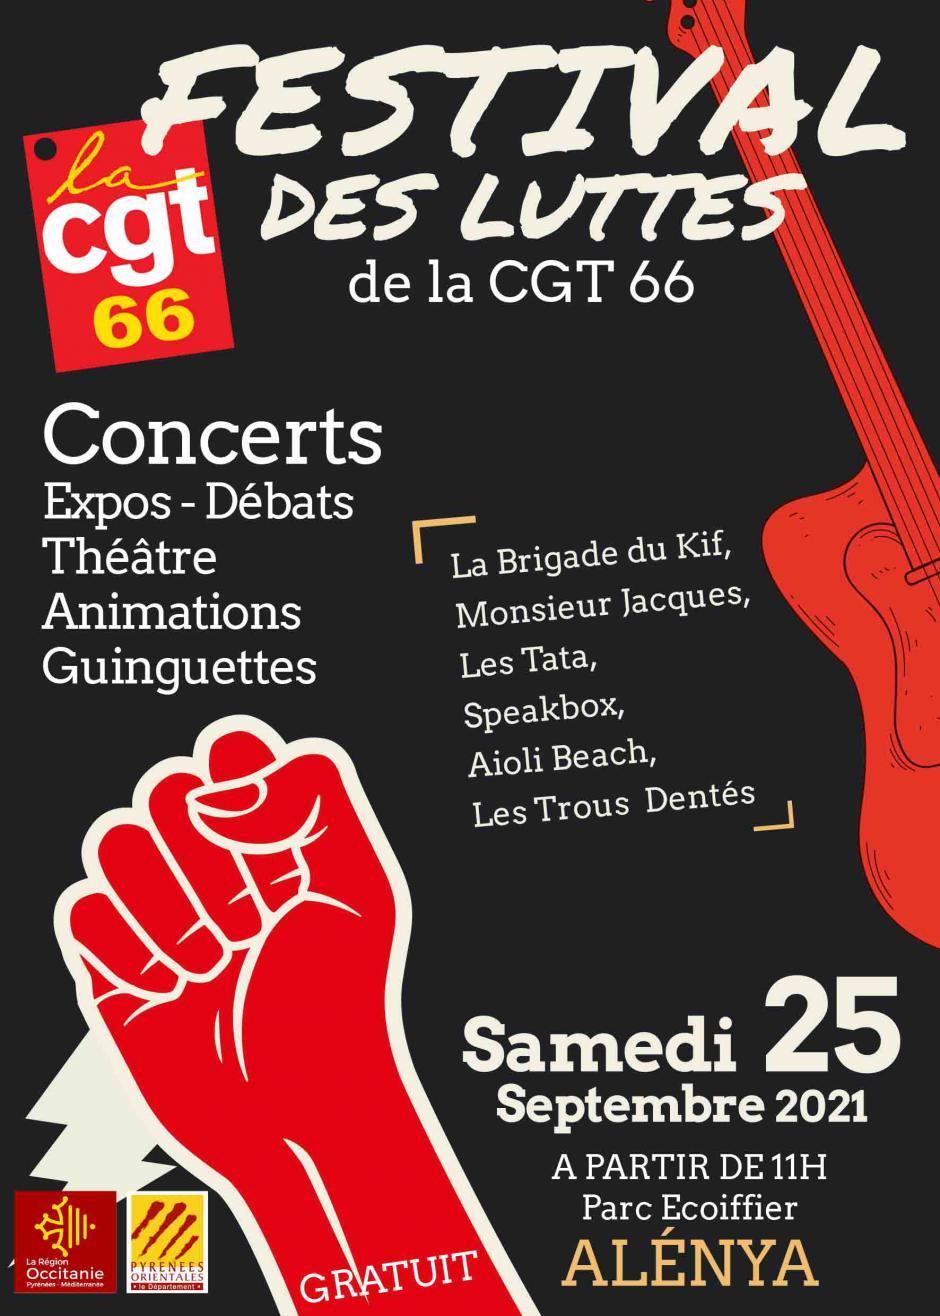 Festival des luttes de la CGT 66